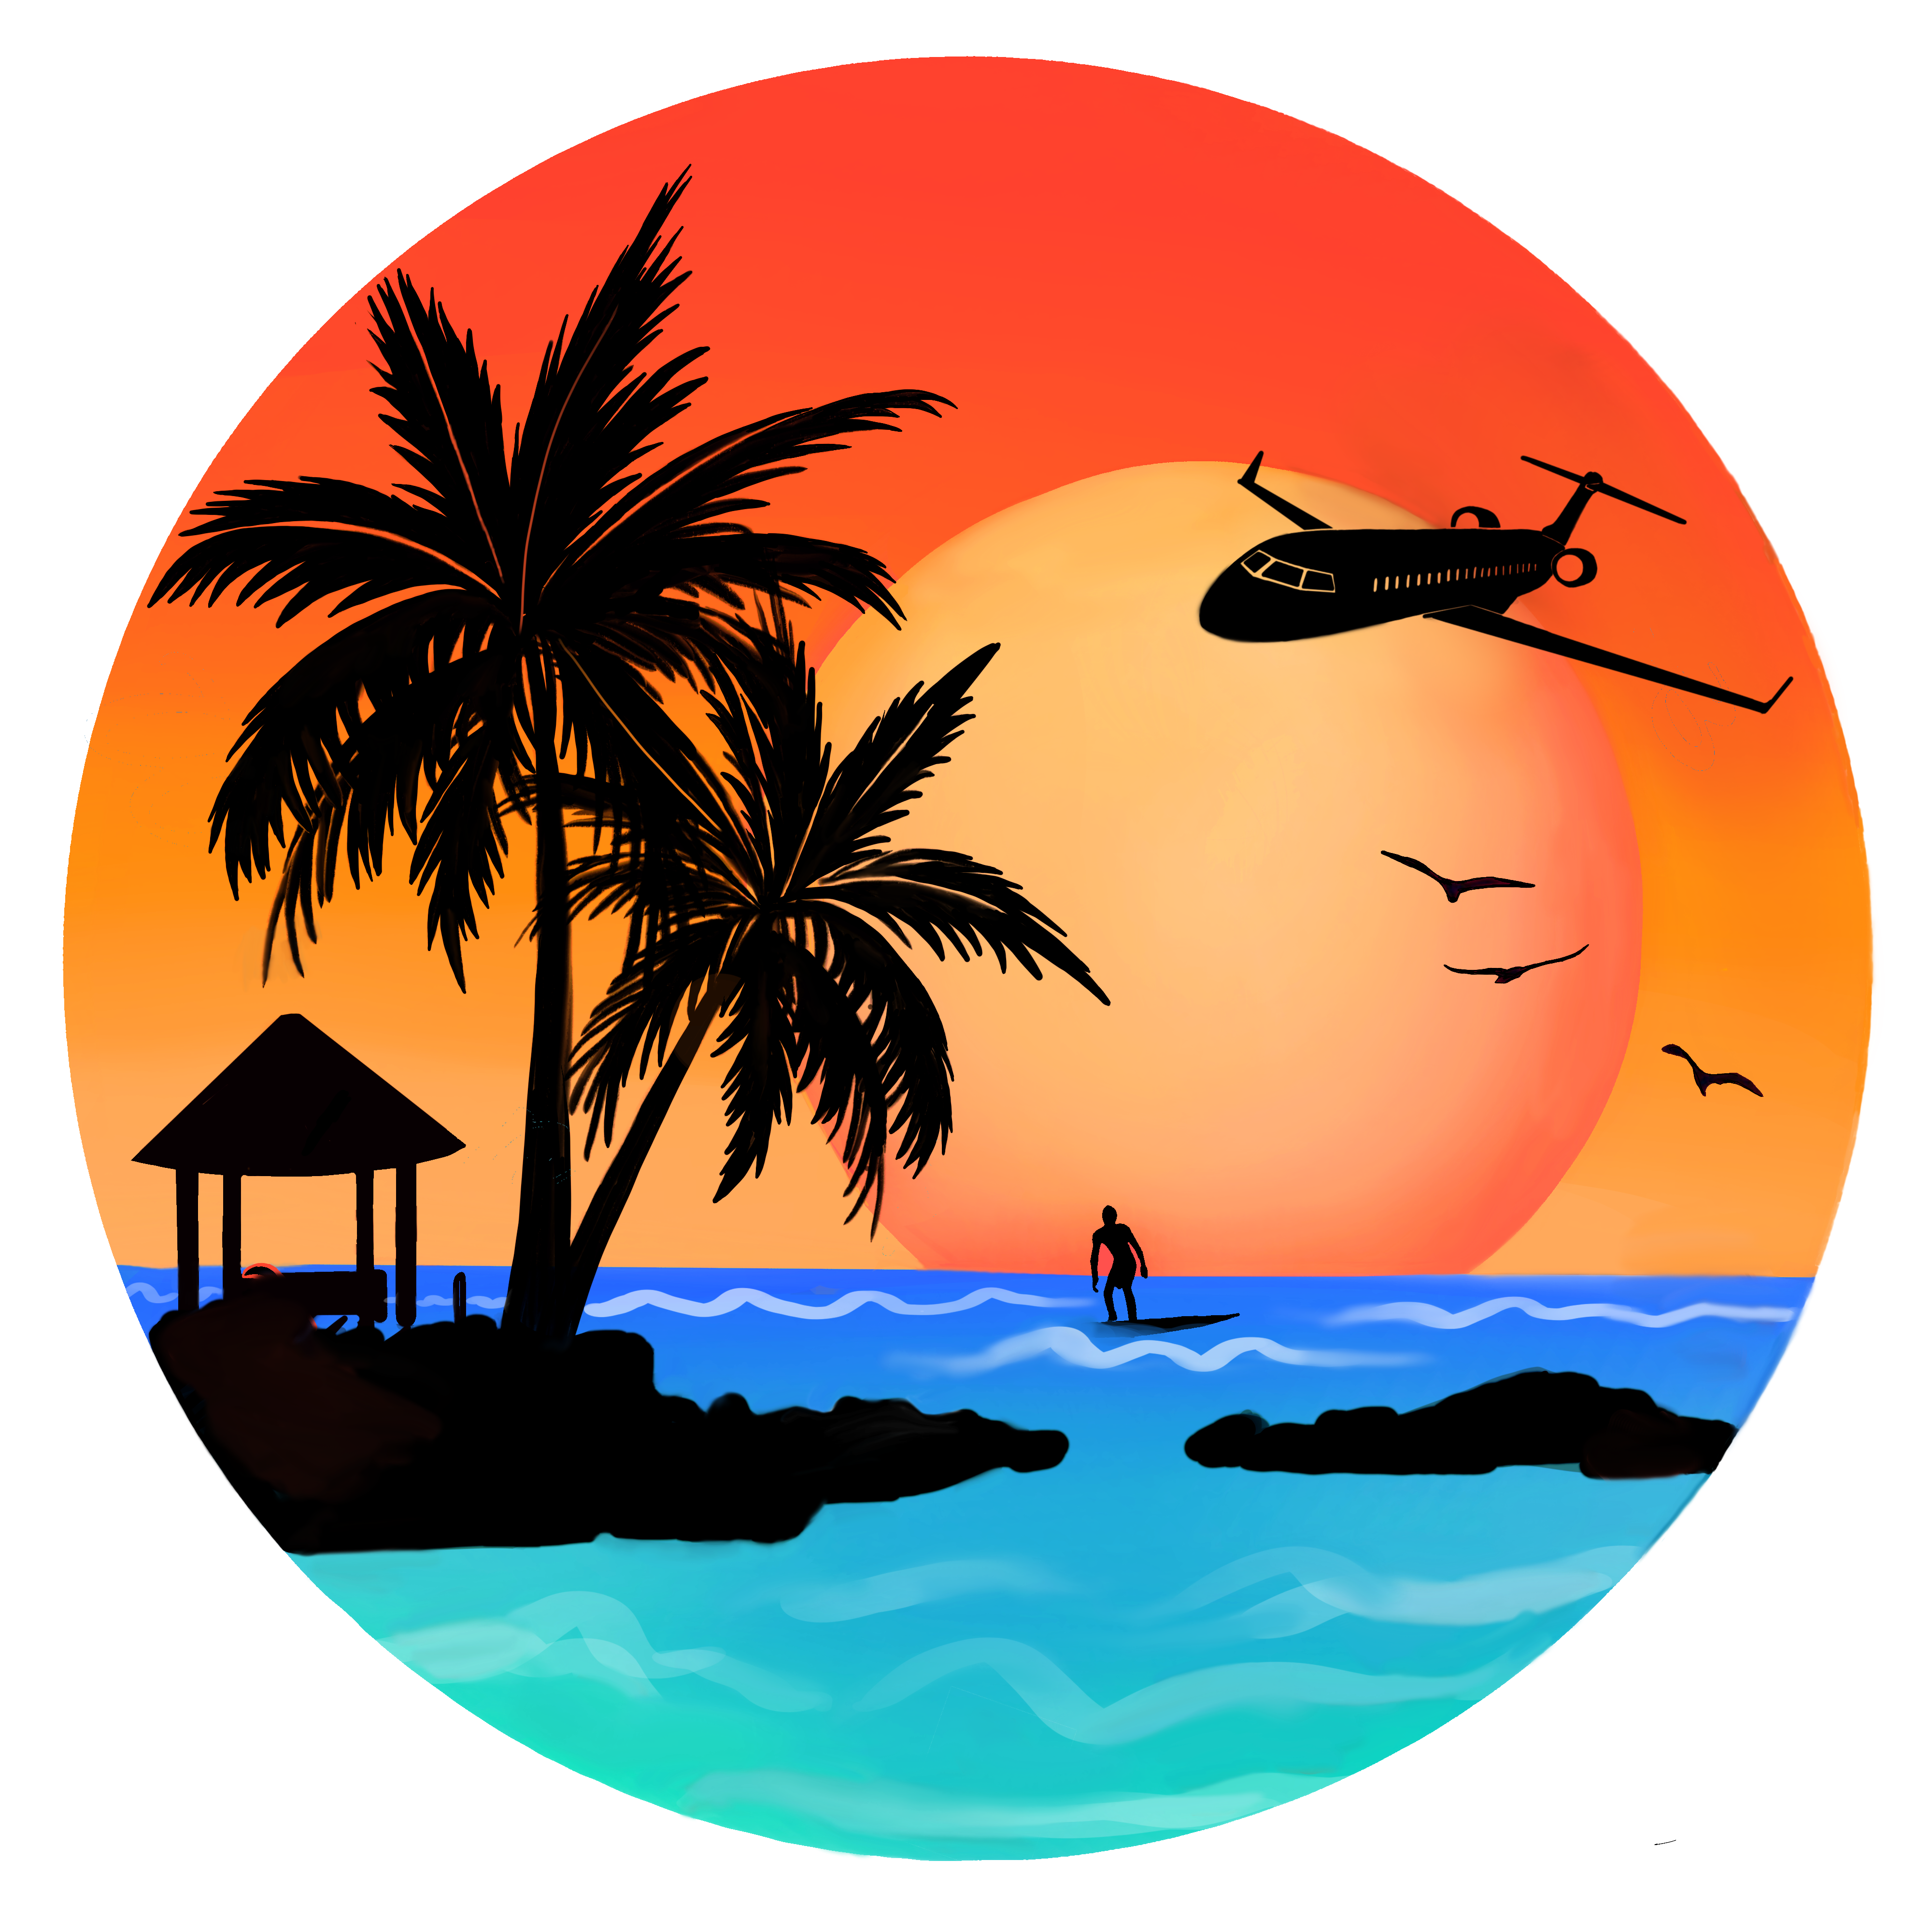 Winner Islands Logotipos Retro Arte Em Pranchas Pintura De Tela